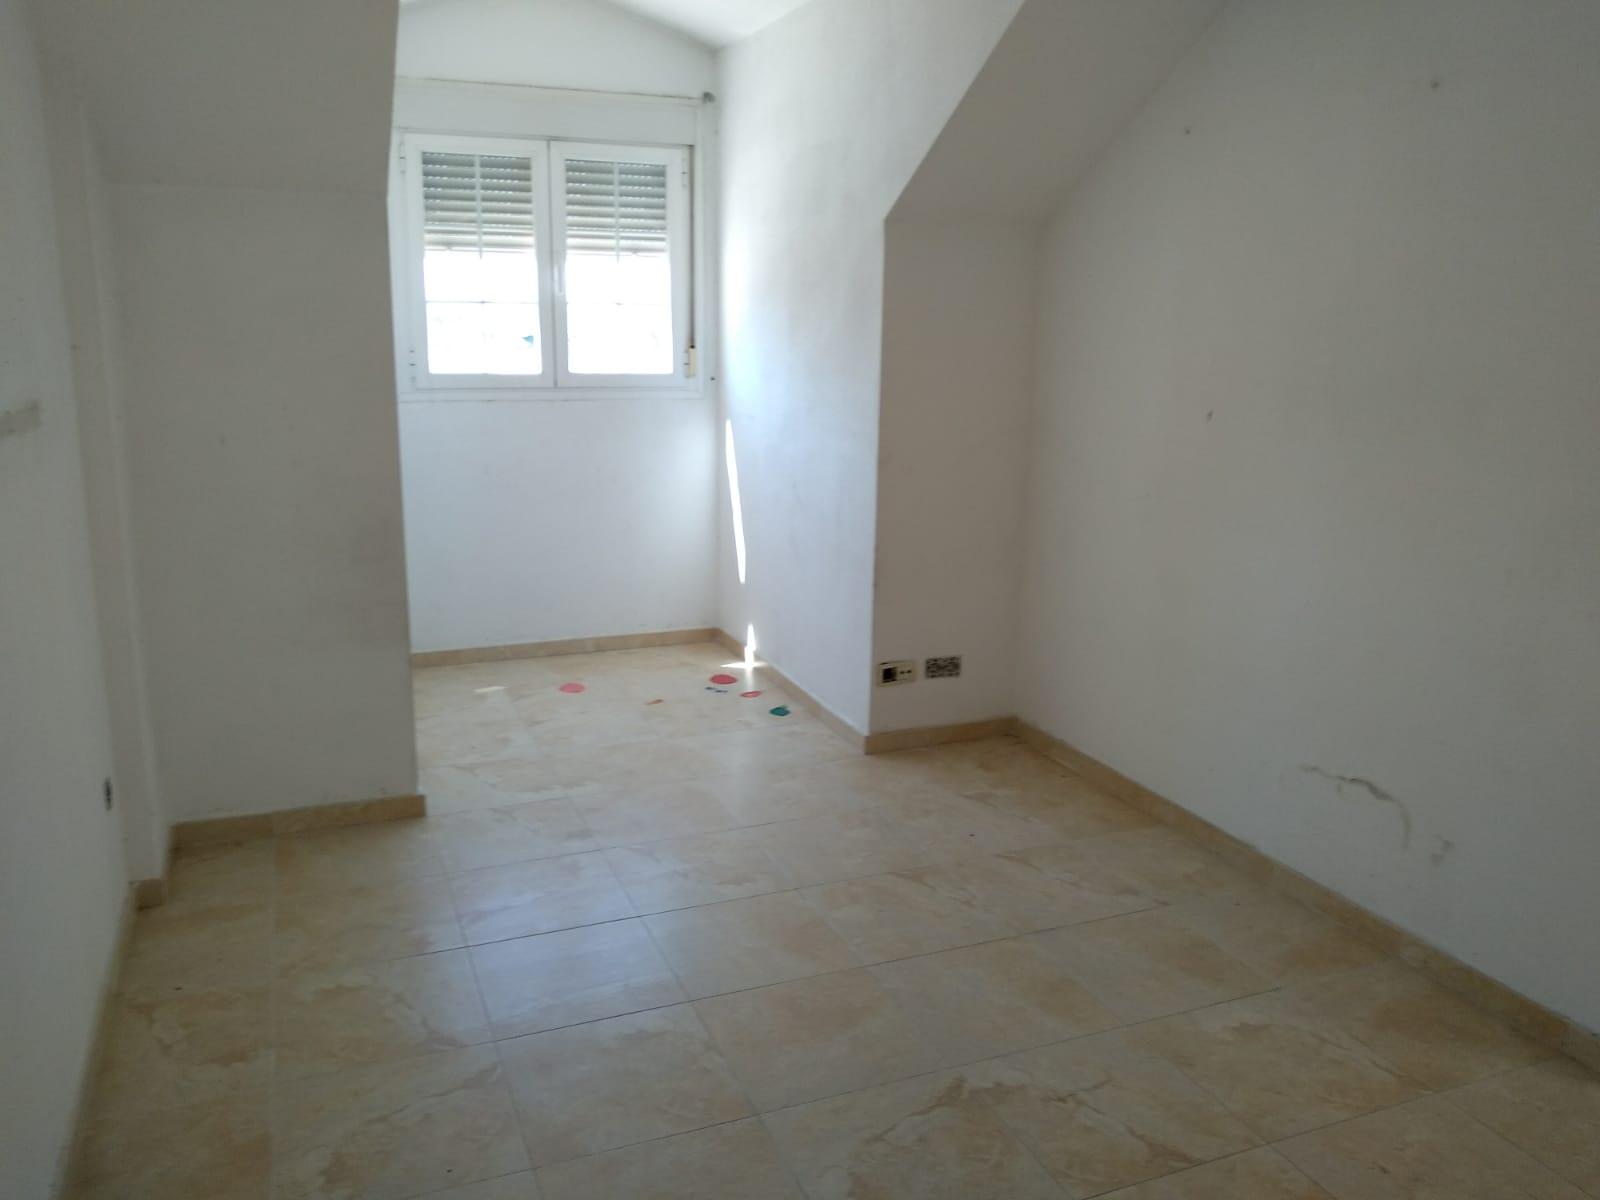 Piso en venta en Pradillos, Yeles, Toledo, Avenida Antonio Sarabia, 82.000 €, 2 habitaciones, 1 baño, 93 m2